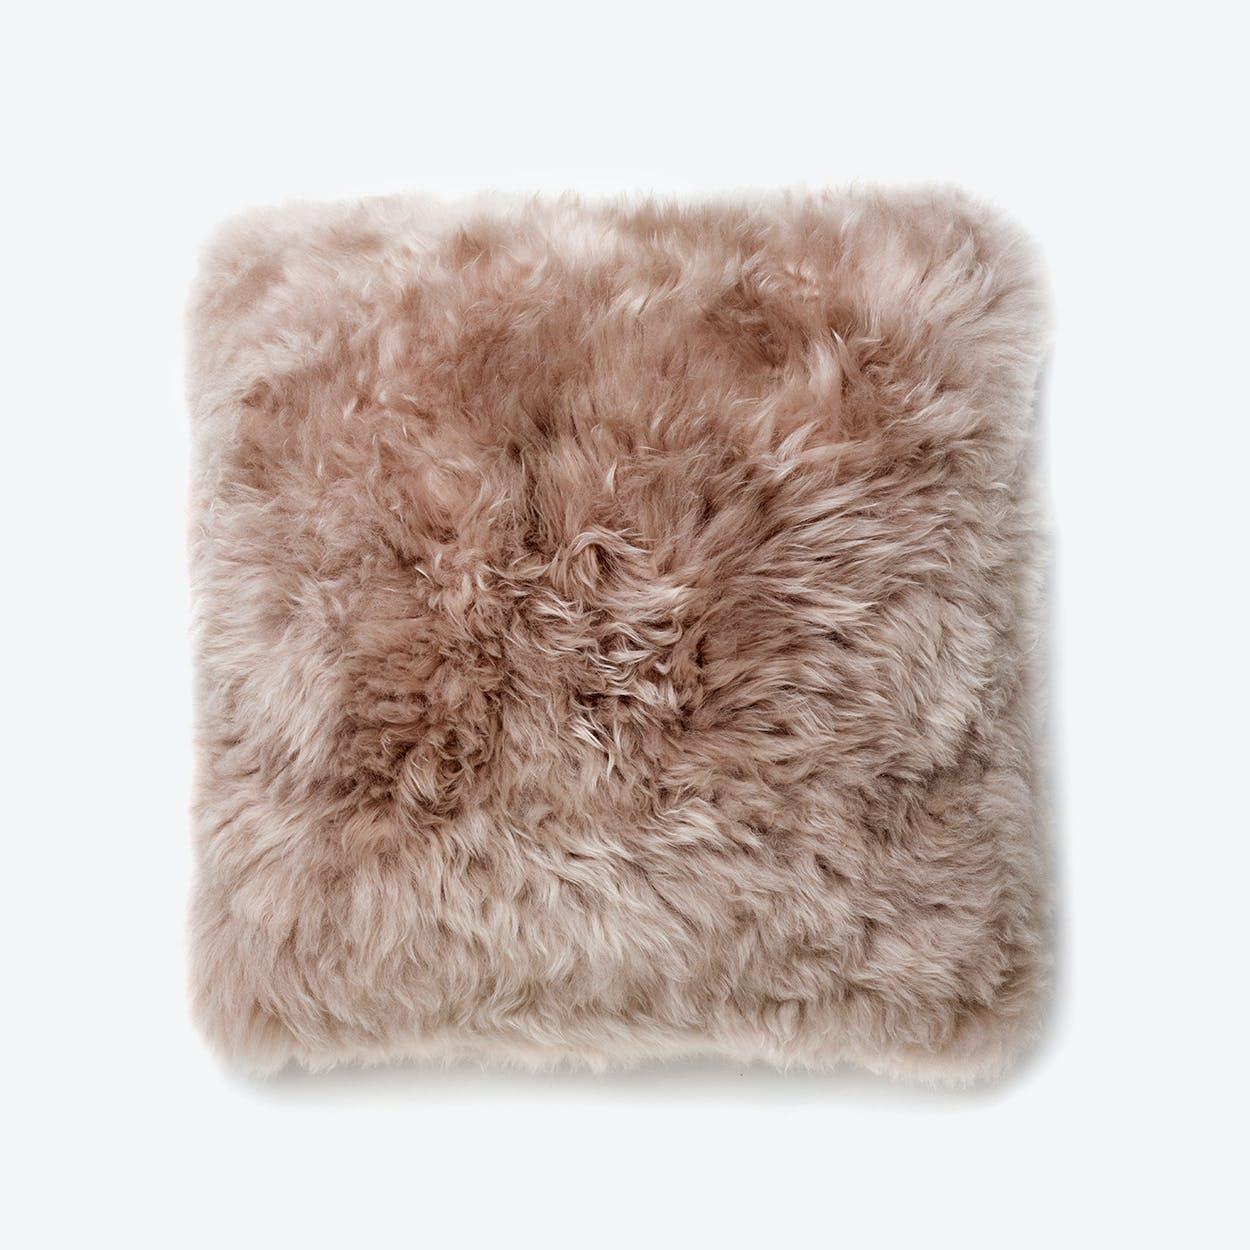 New Zealand Sheepskin Cushion in Light Brown